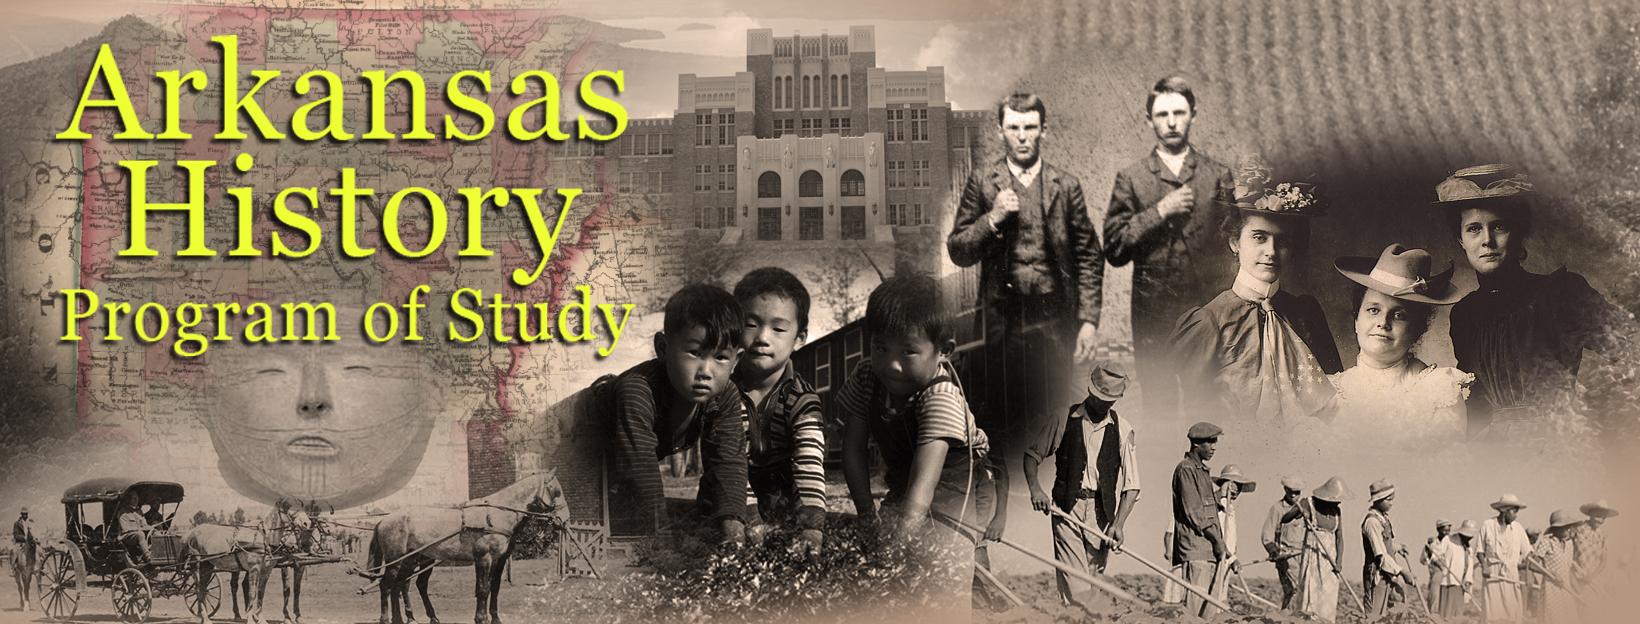 Arkansas History Program of Study Banner